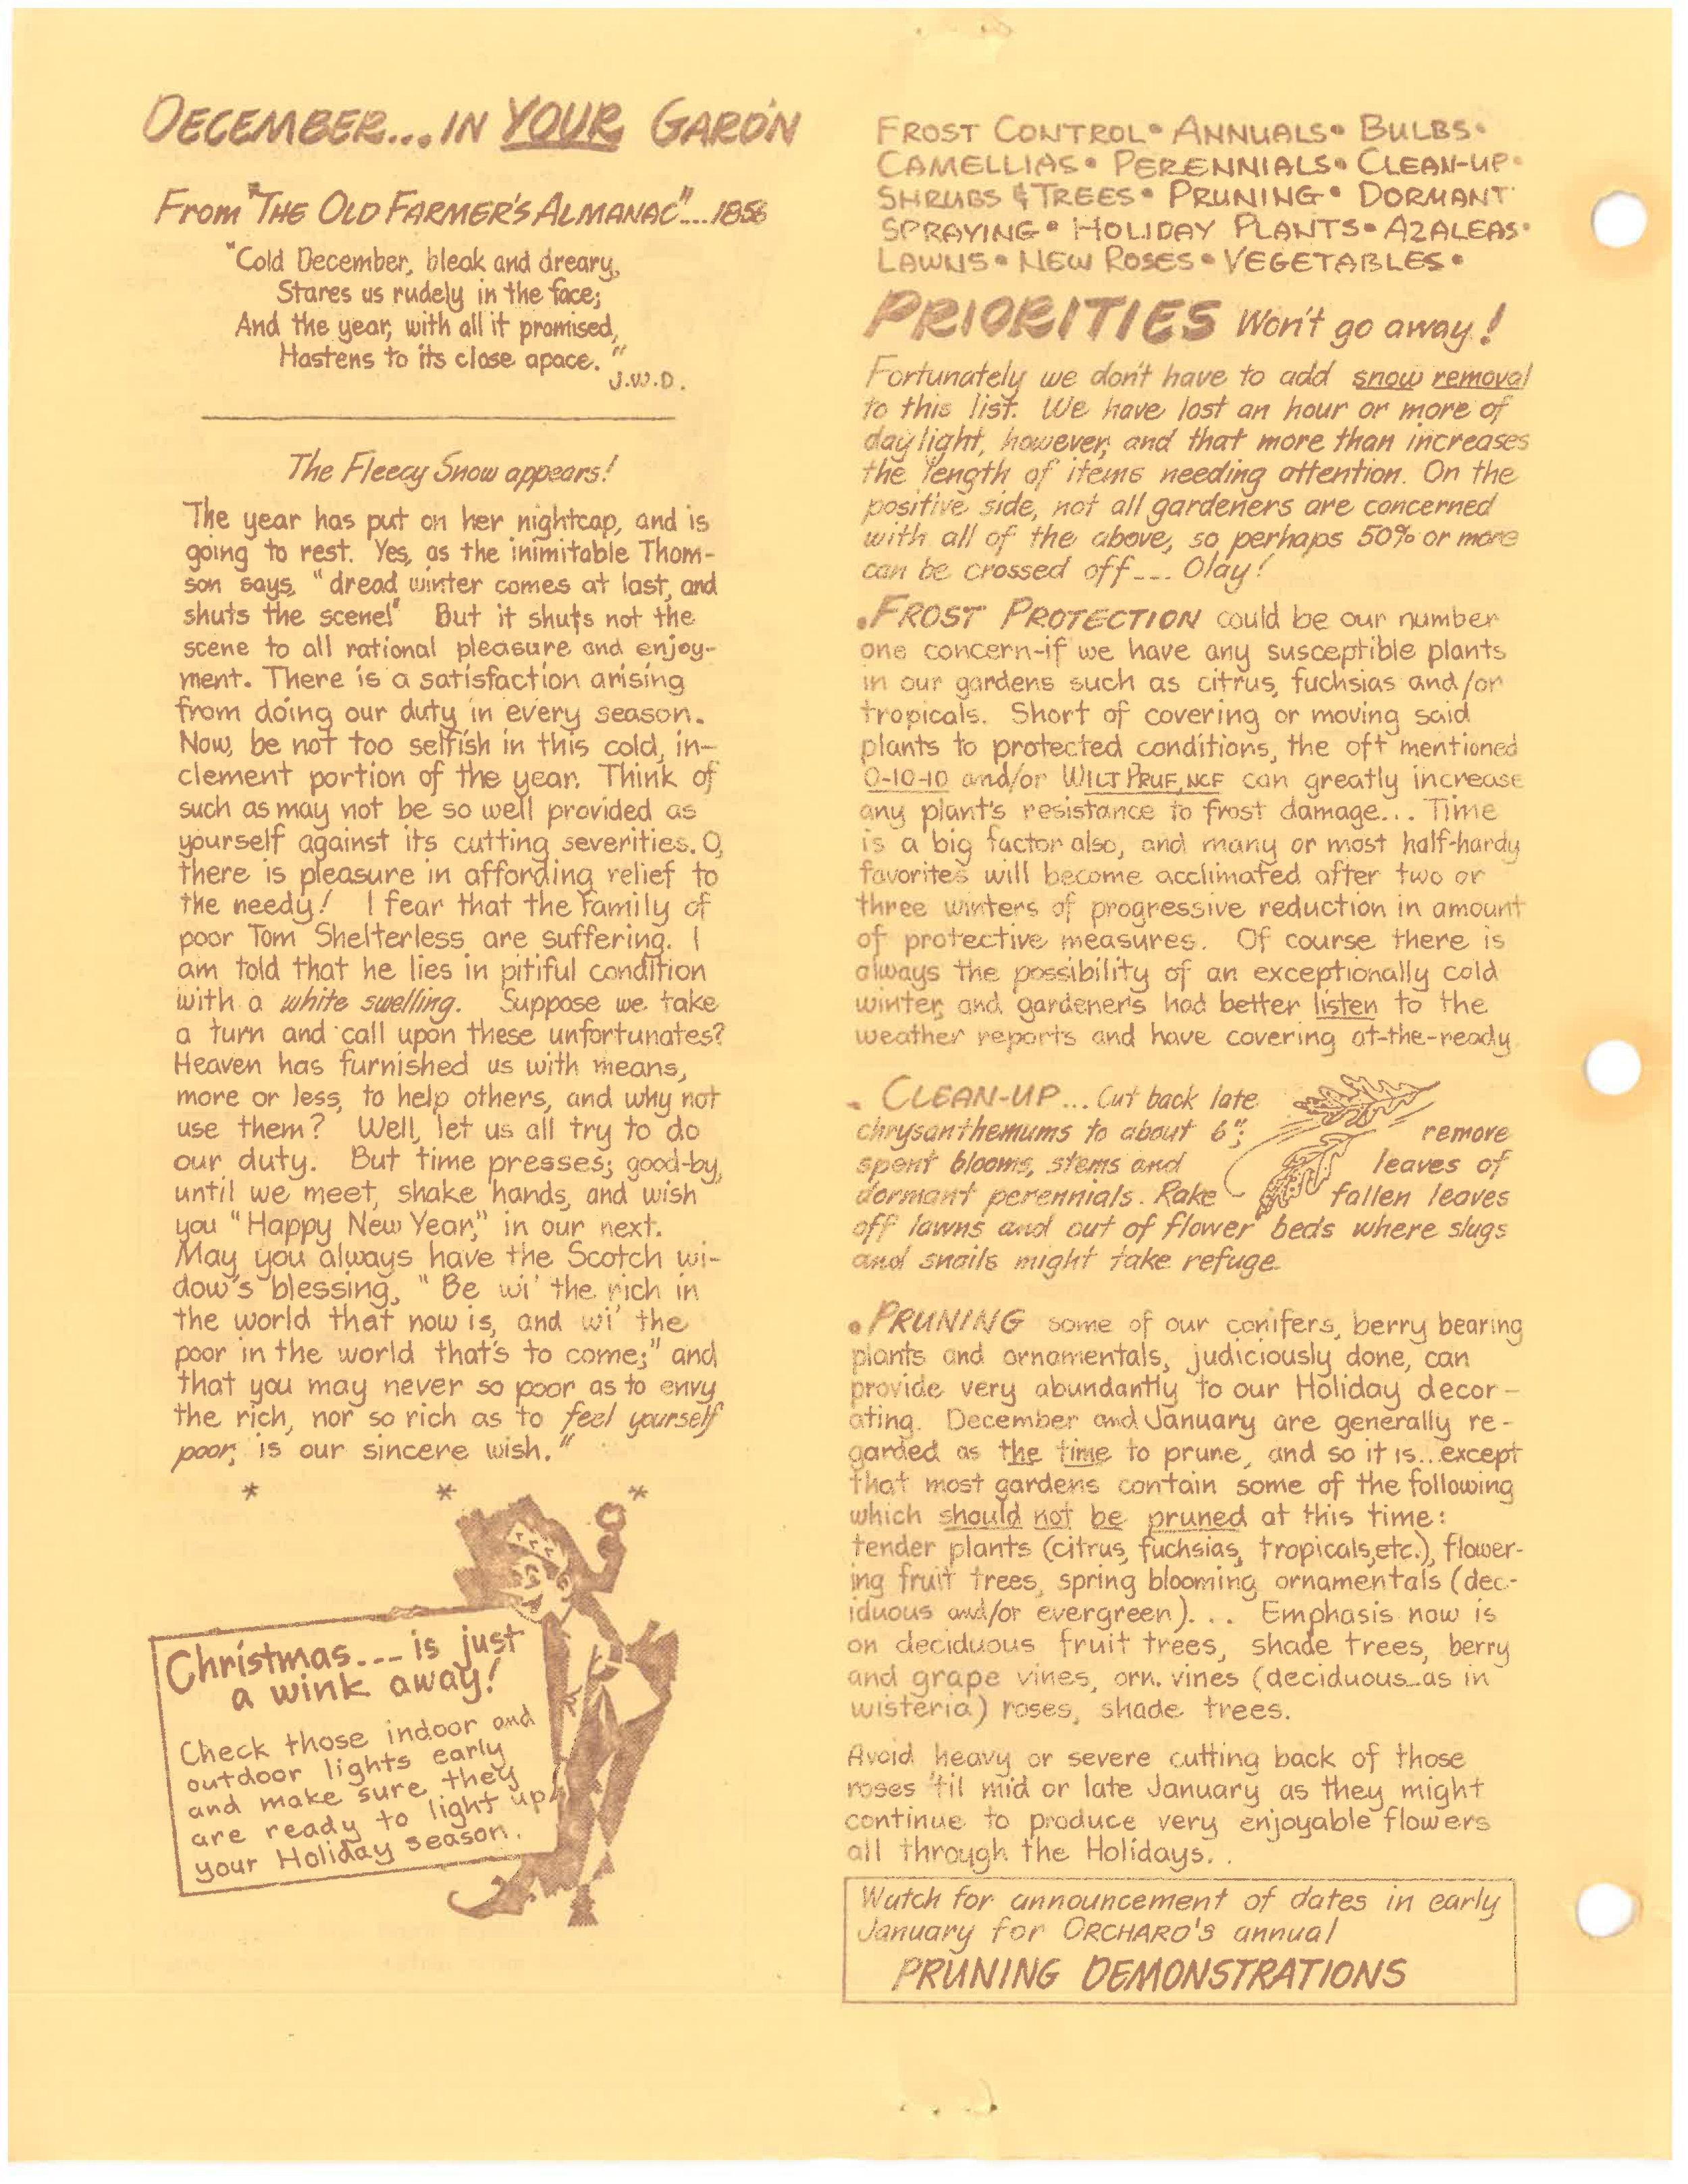 1985-newsletter-pg2.jpg